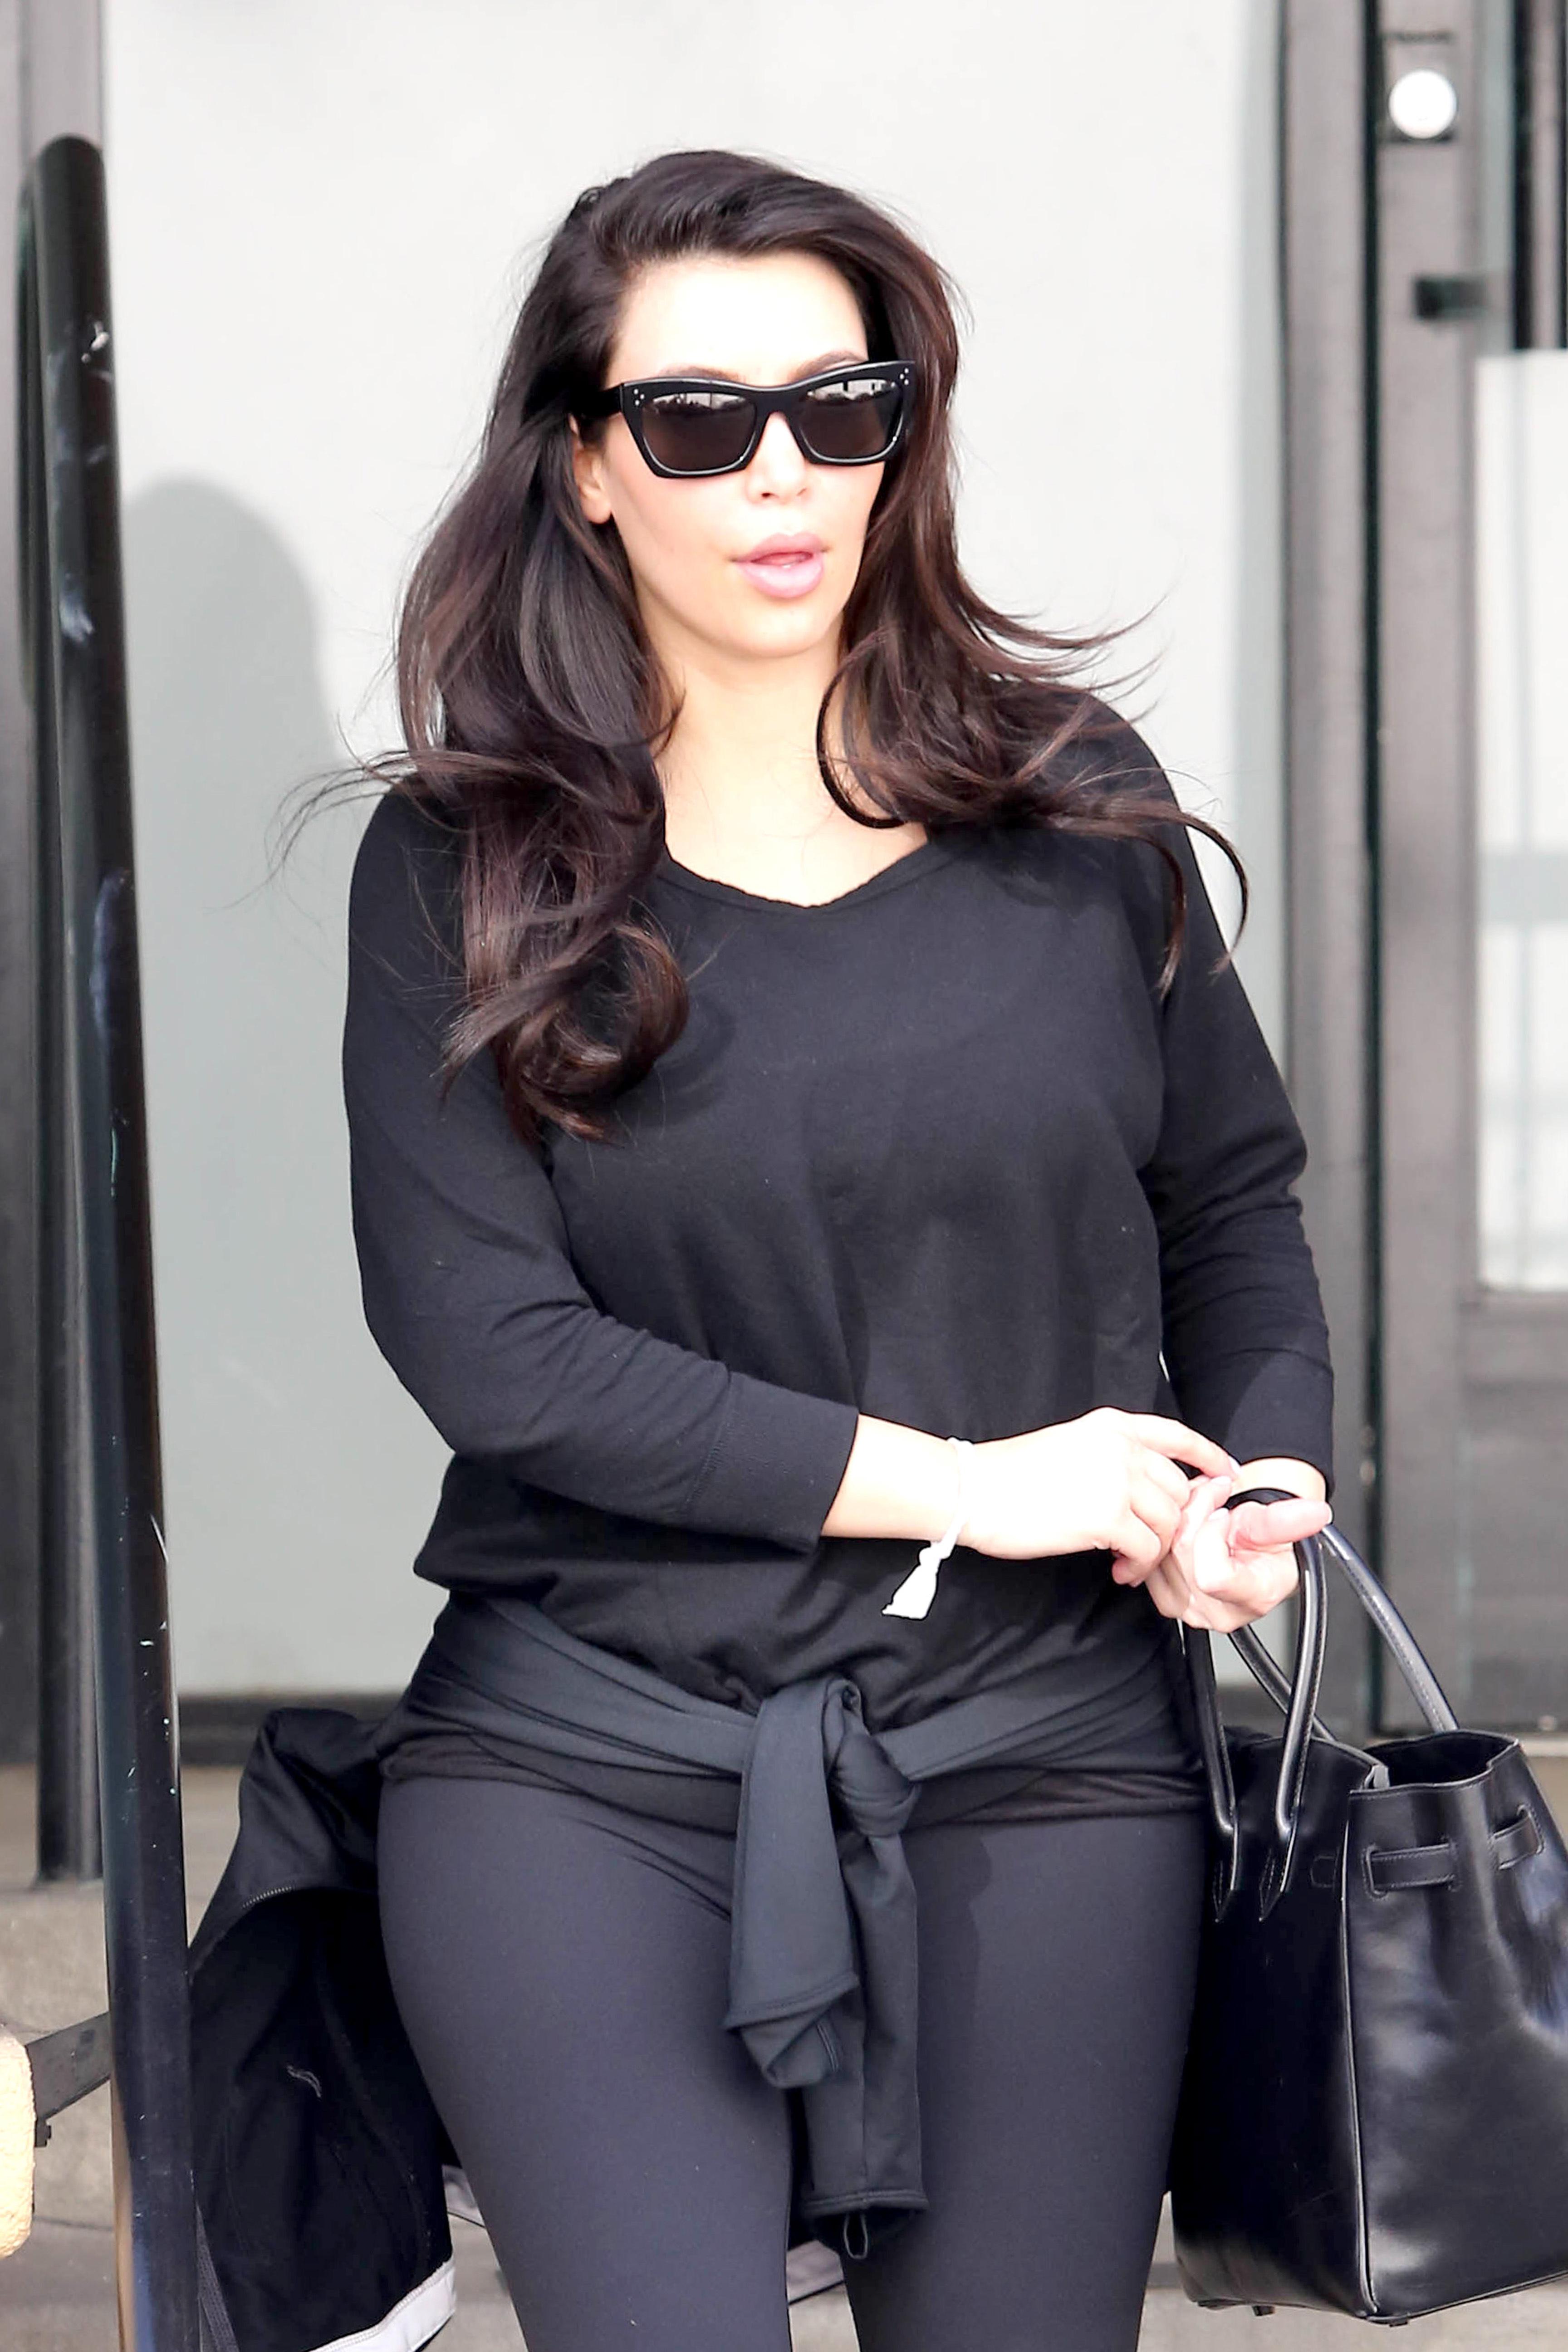 Kim Kardashian gym outfit